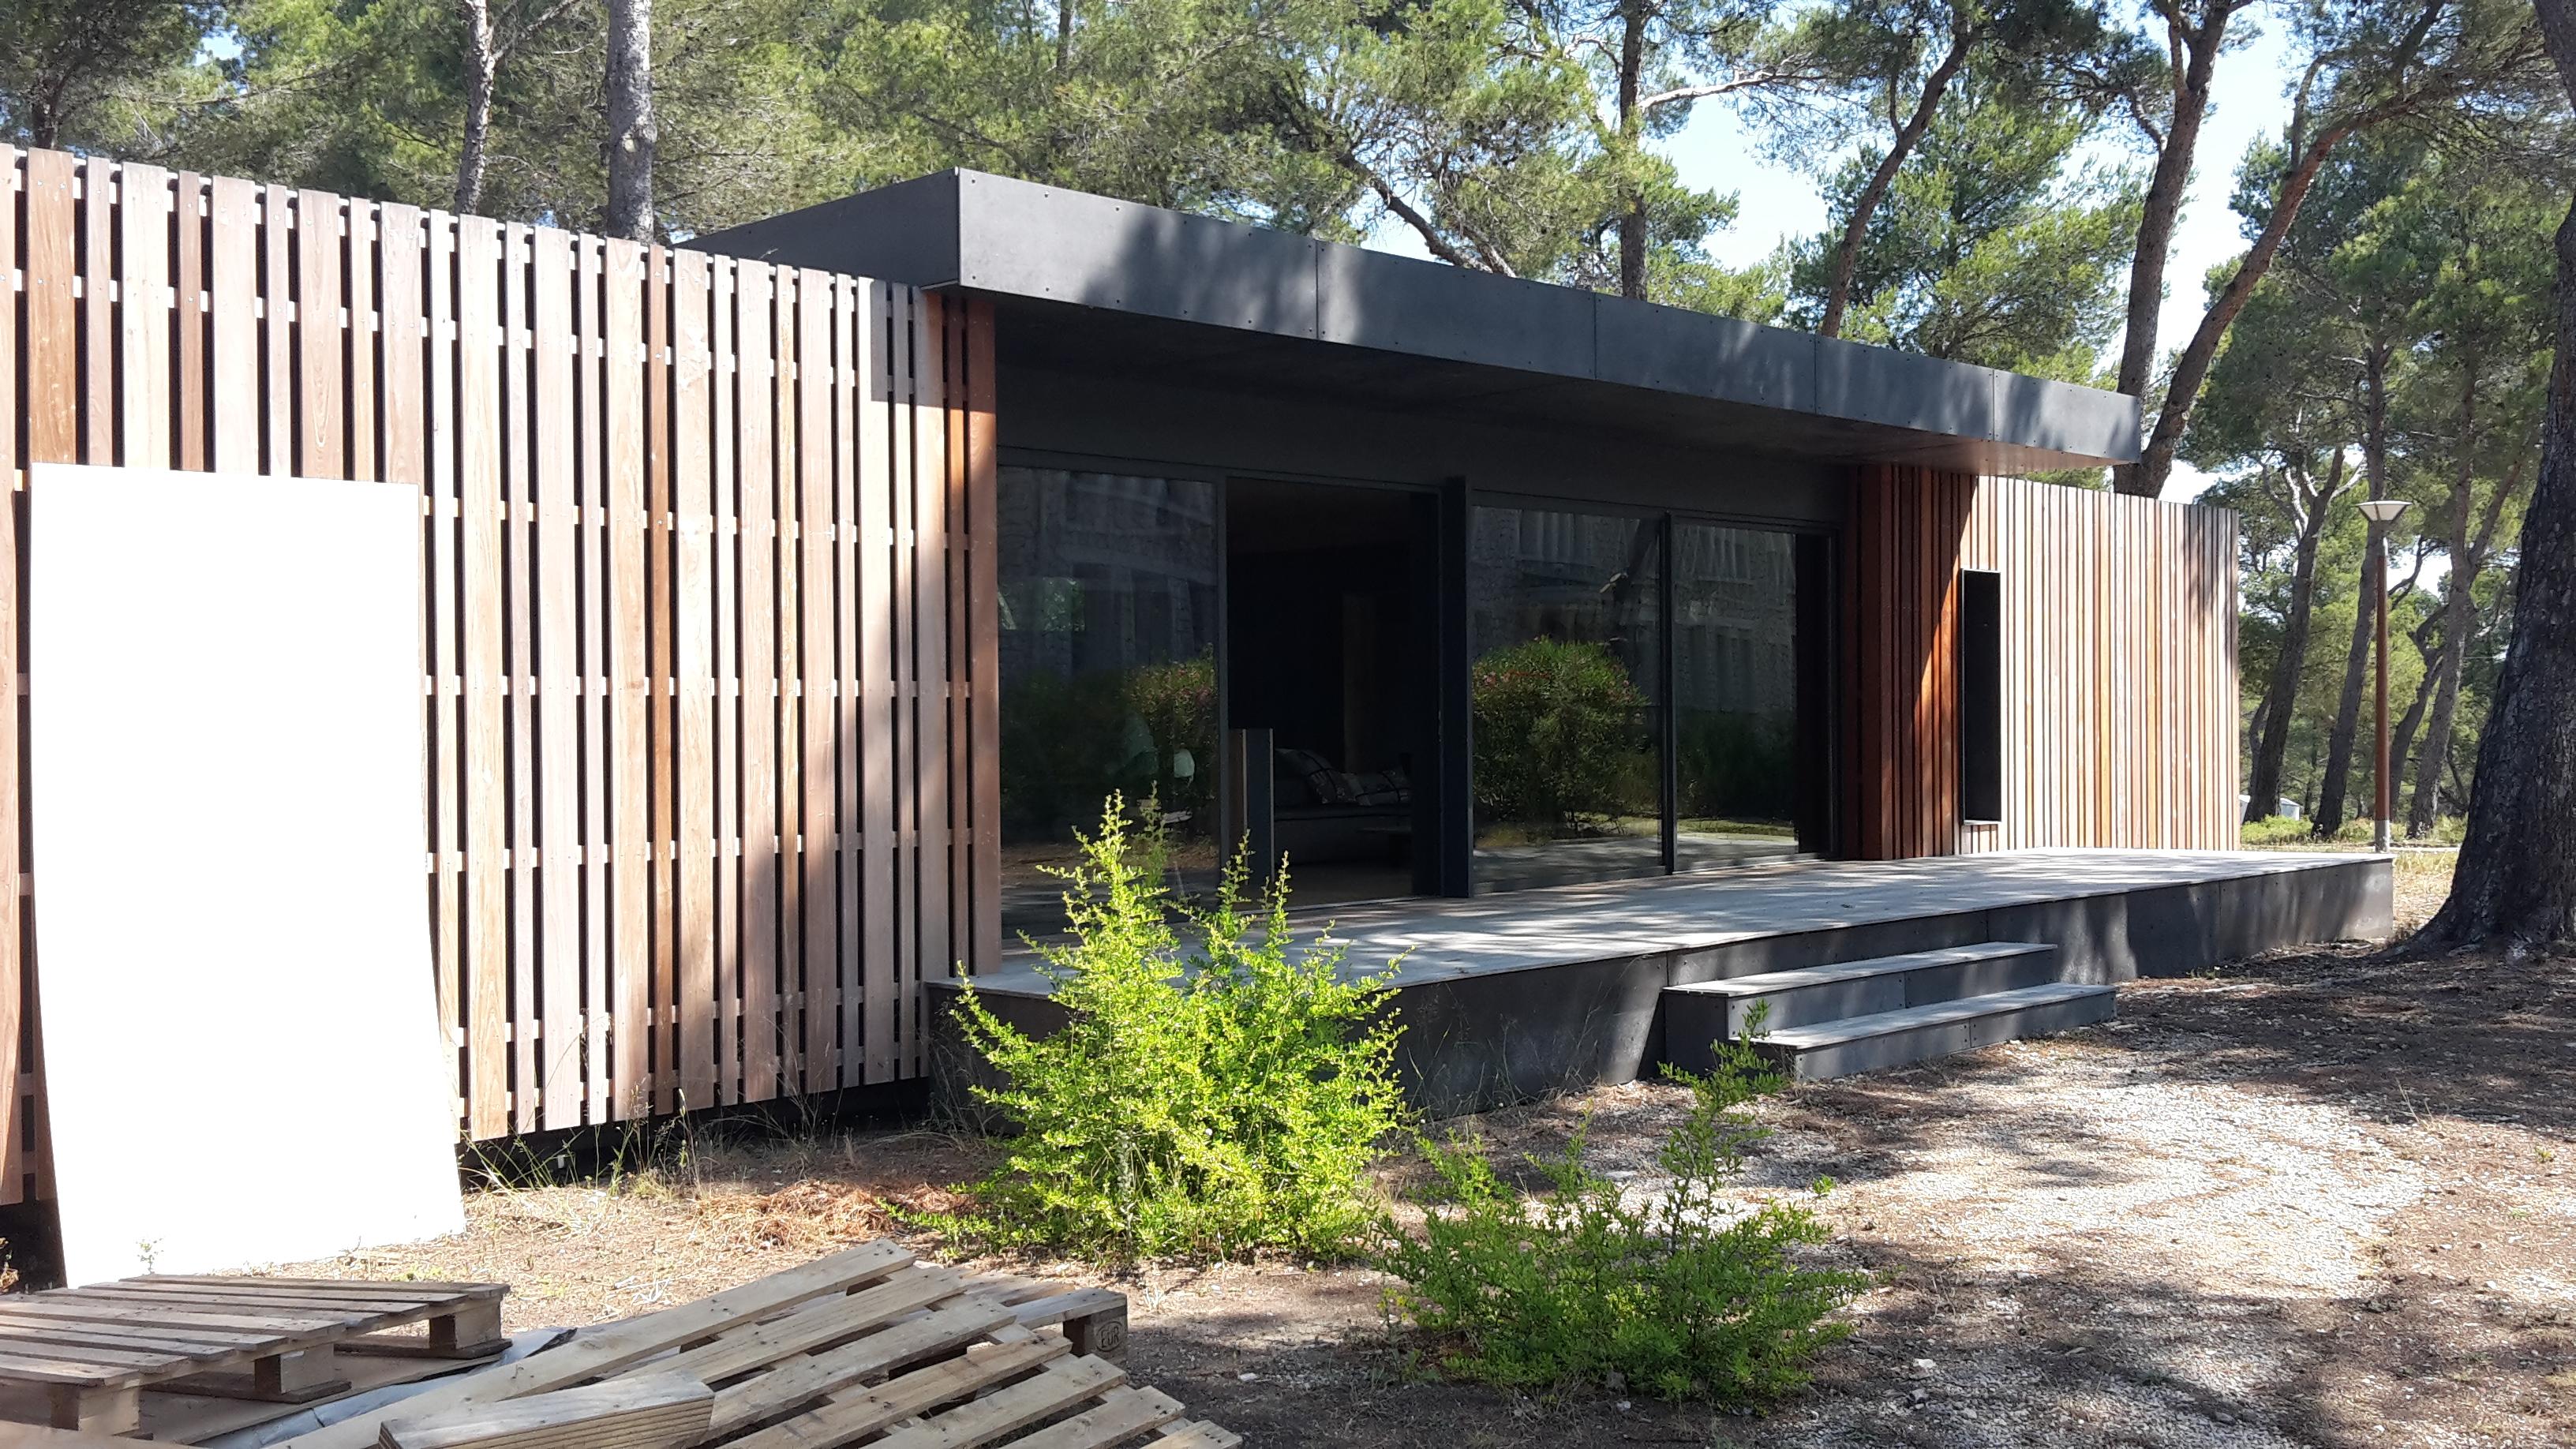 Constructeur maison bois low cost ventana blog for Constructeur de maison individuelle low cost